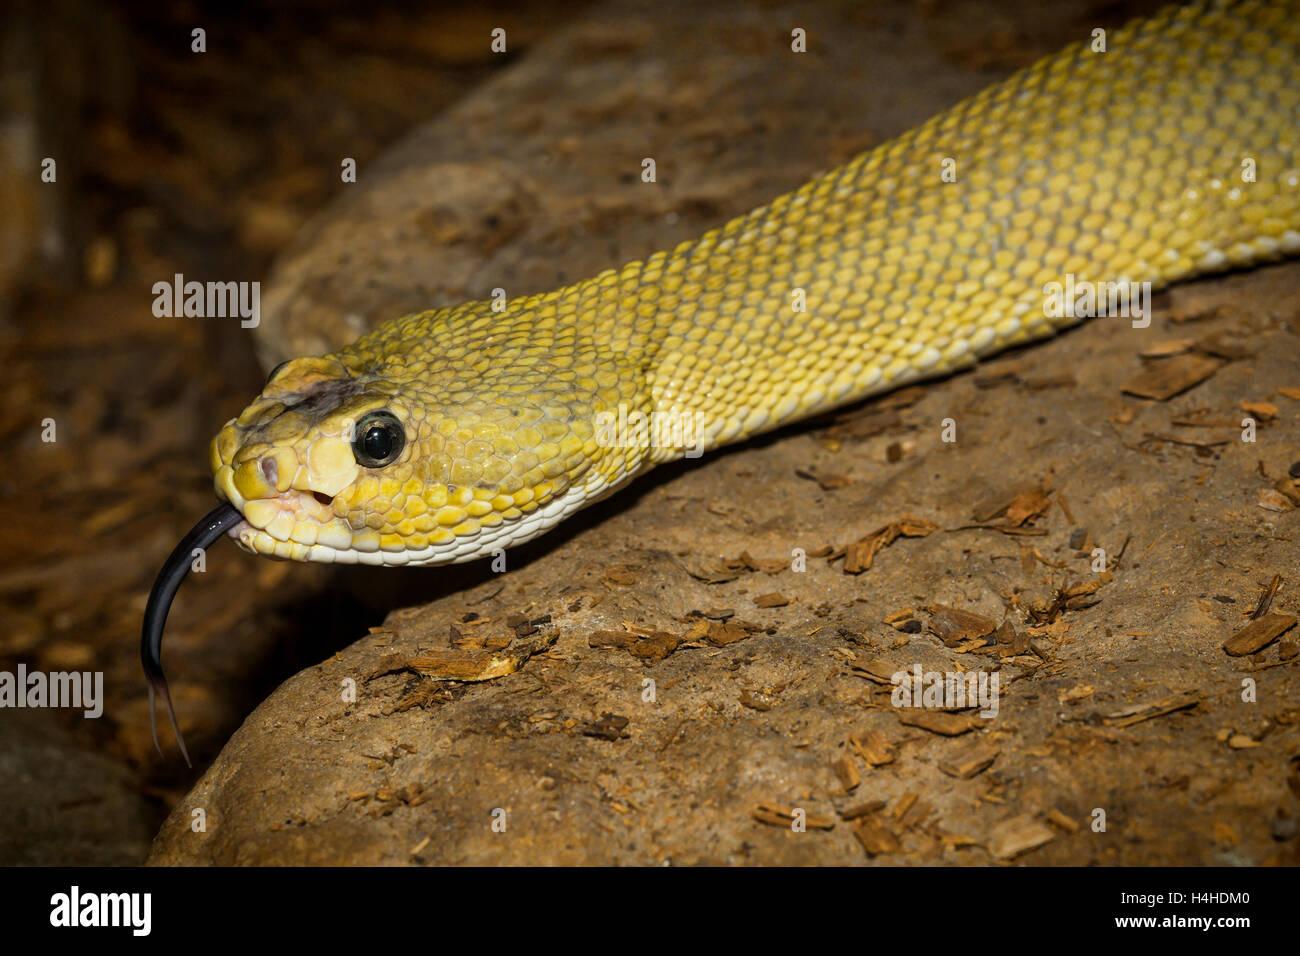 Reptilia Zoo Vaughan